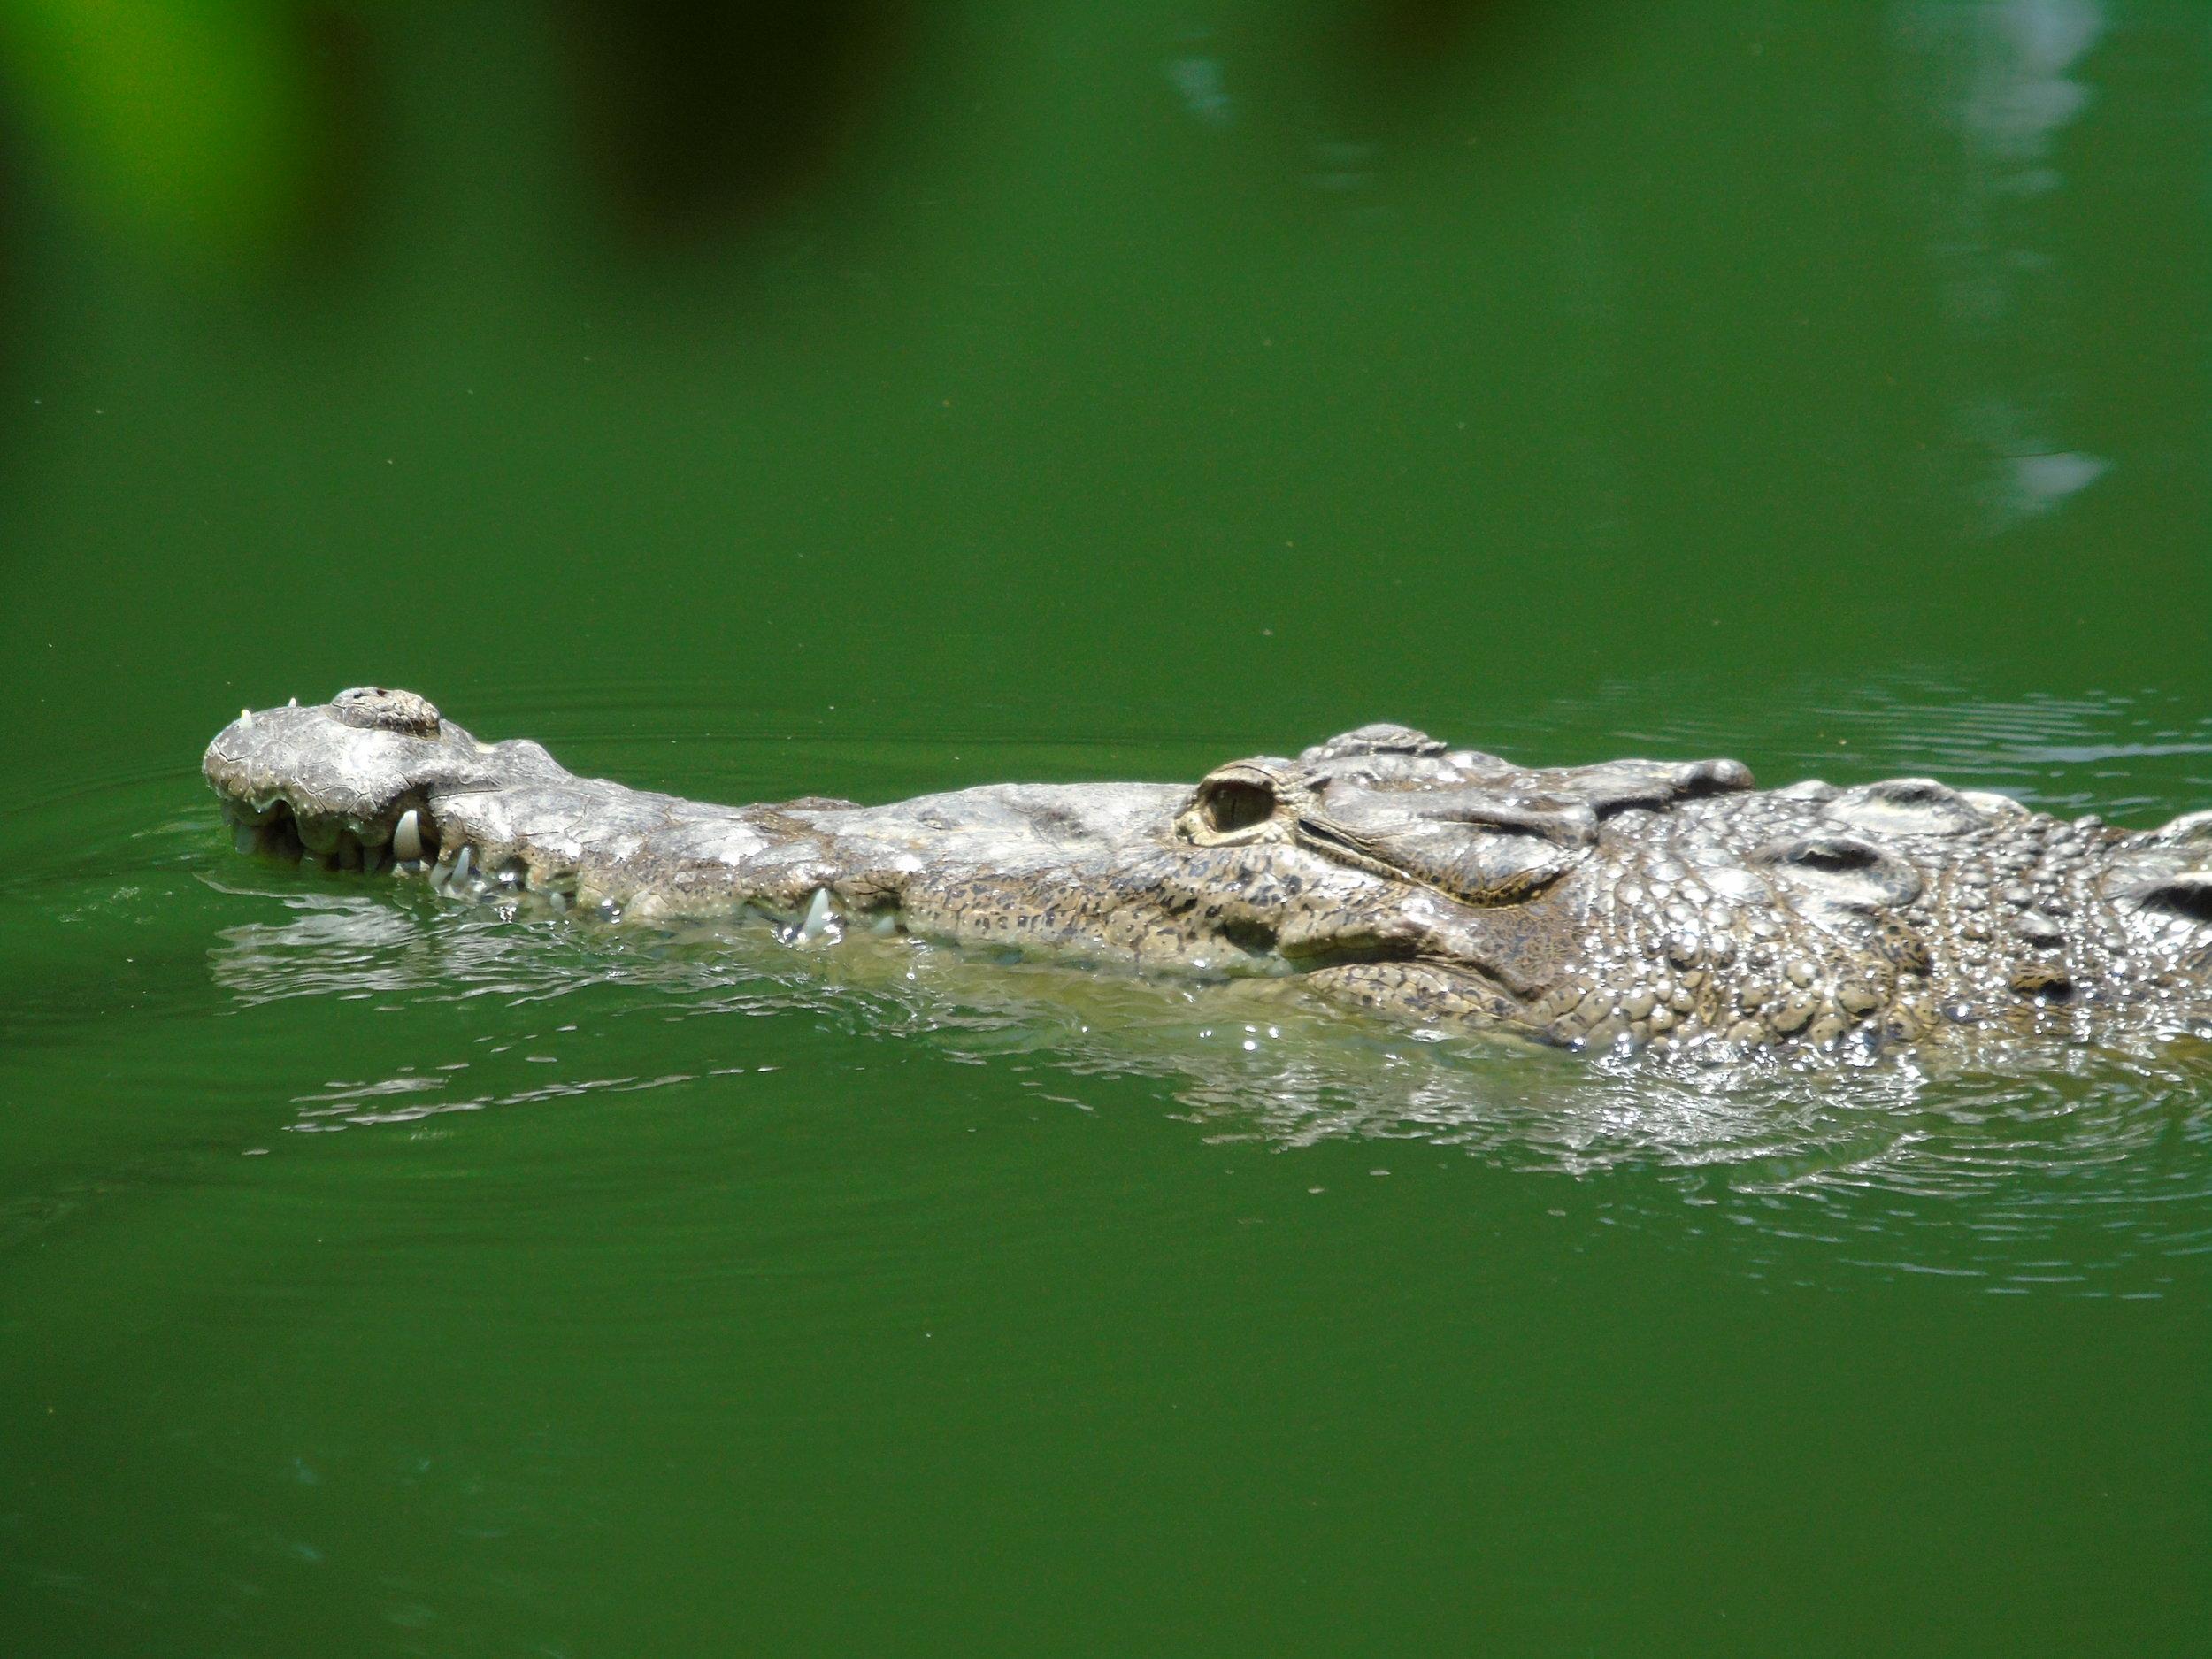 costa rica crocodile research